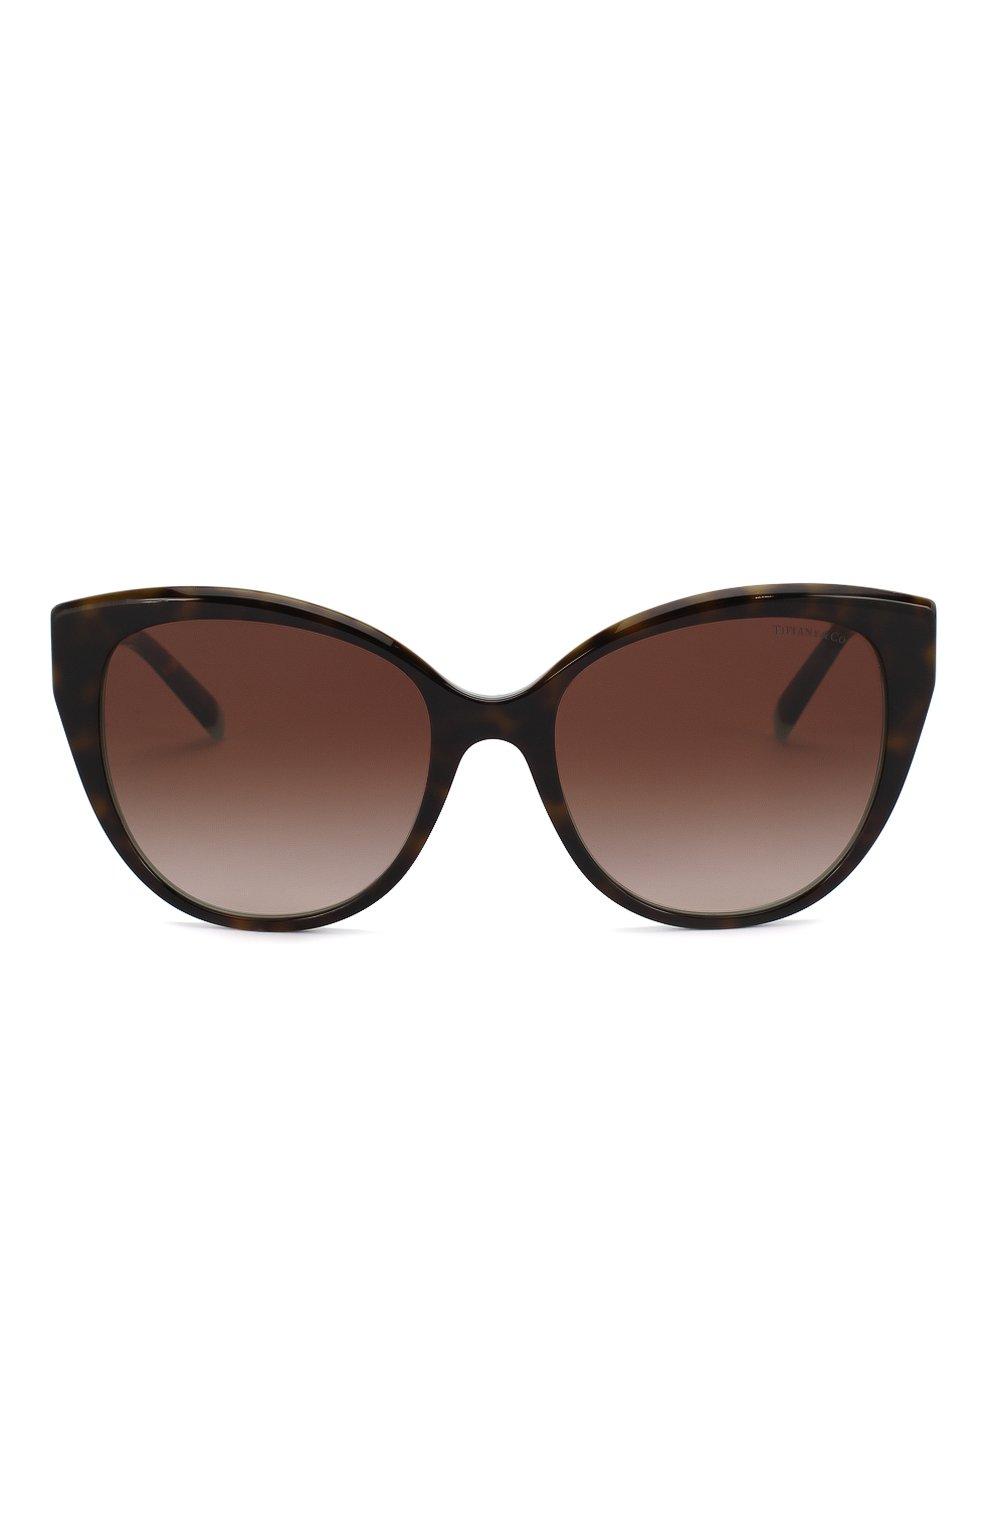 Женские солнцезащитные очки TIFFANY & CO. коричневого цвета, арт. 4166-81343B | Фото 3